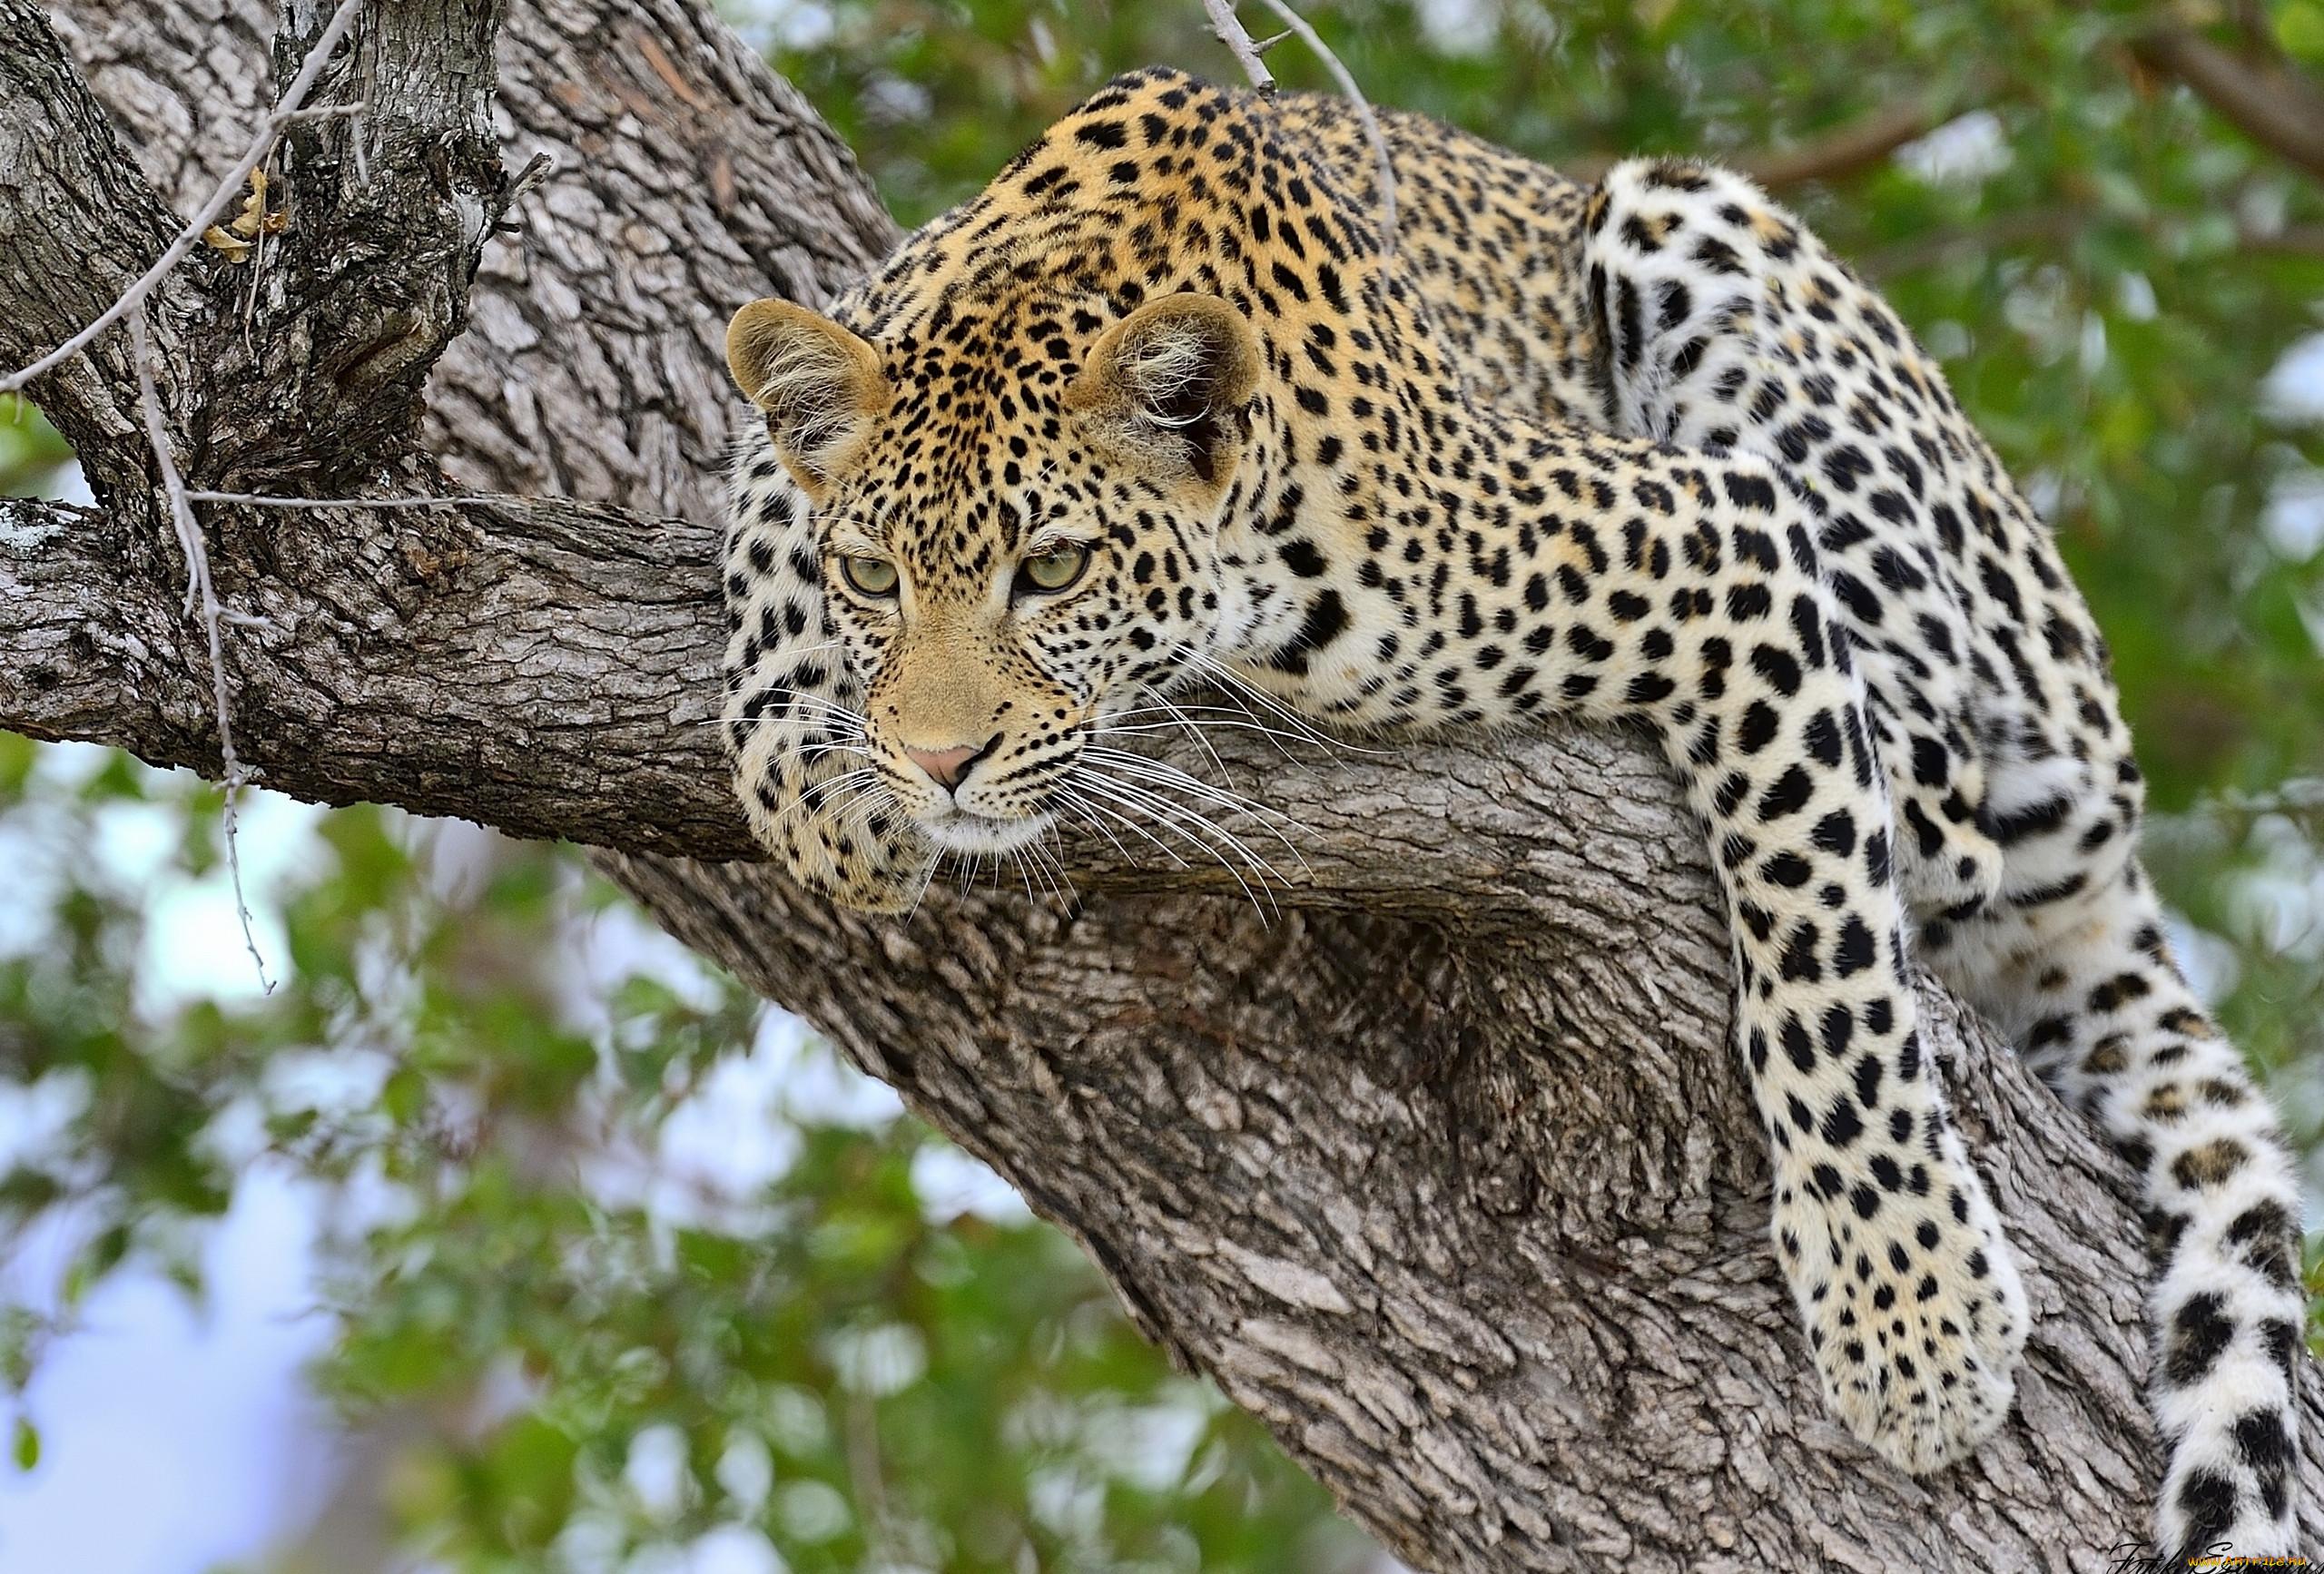 волейболистки картинки леопардов хорошего качества смелые или